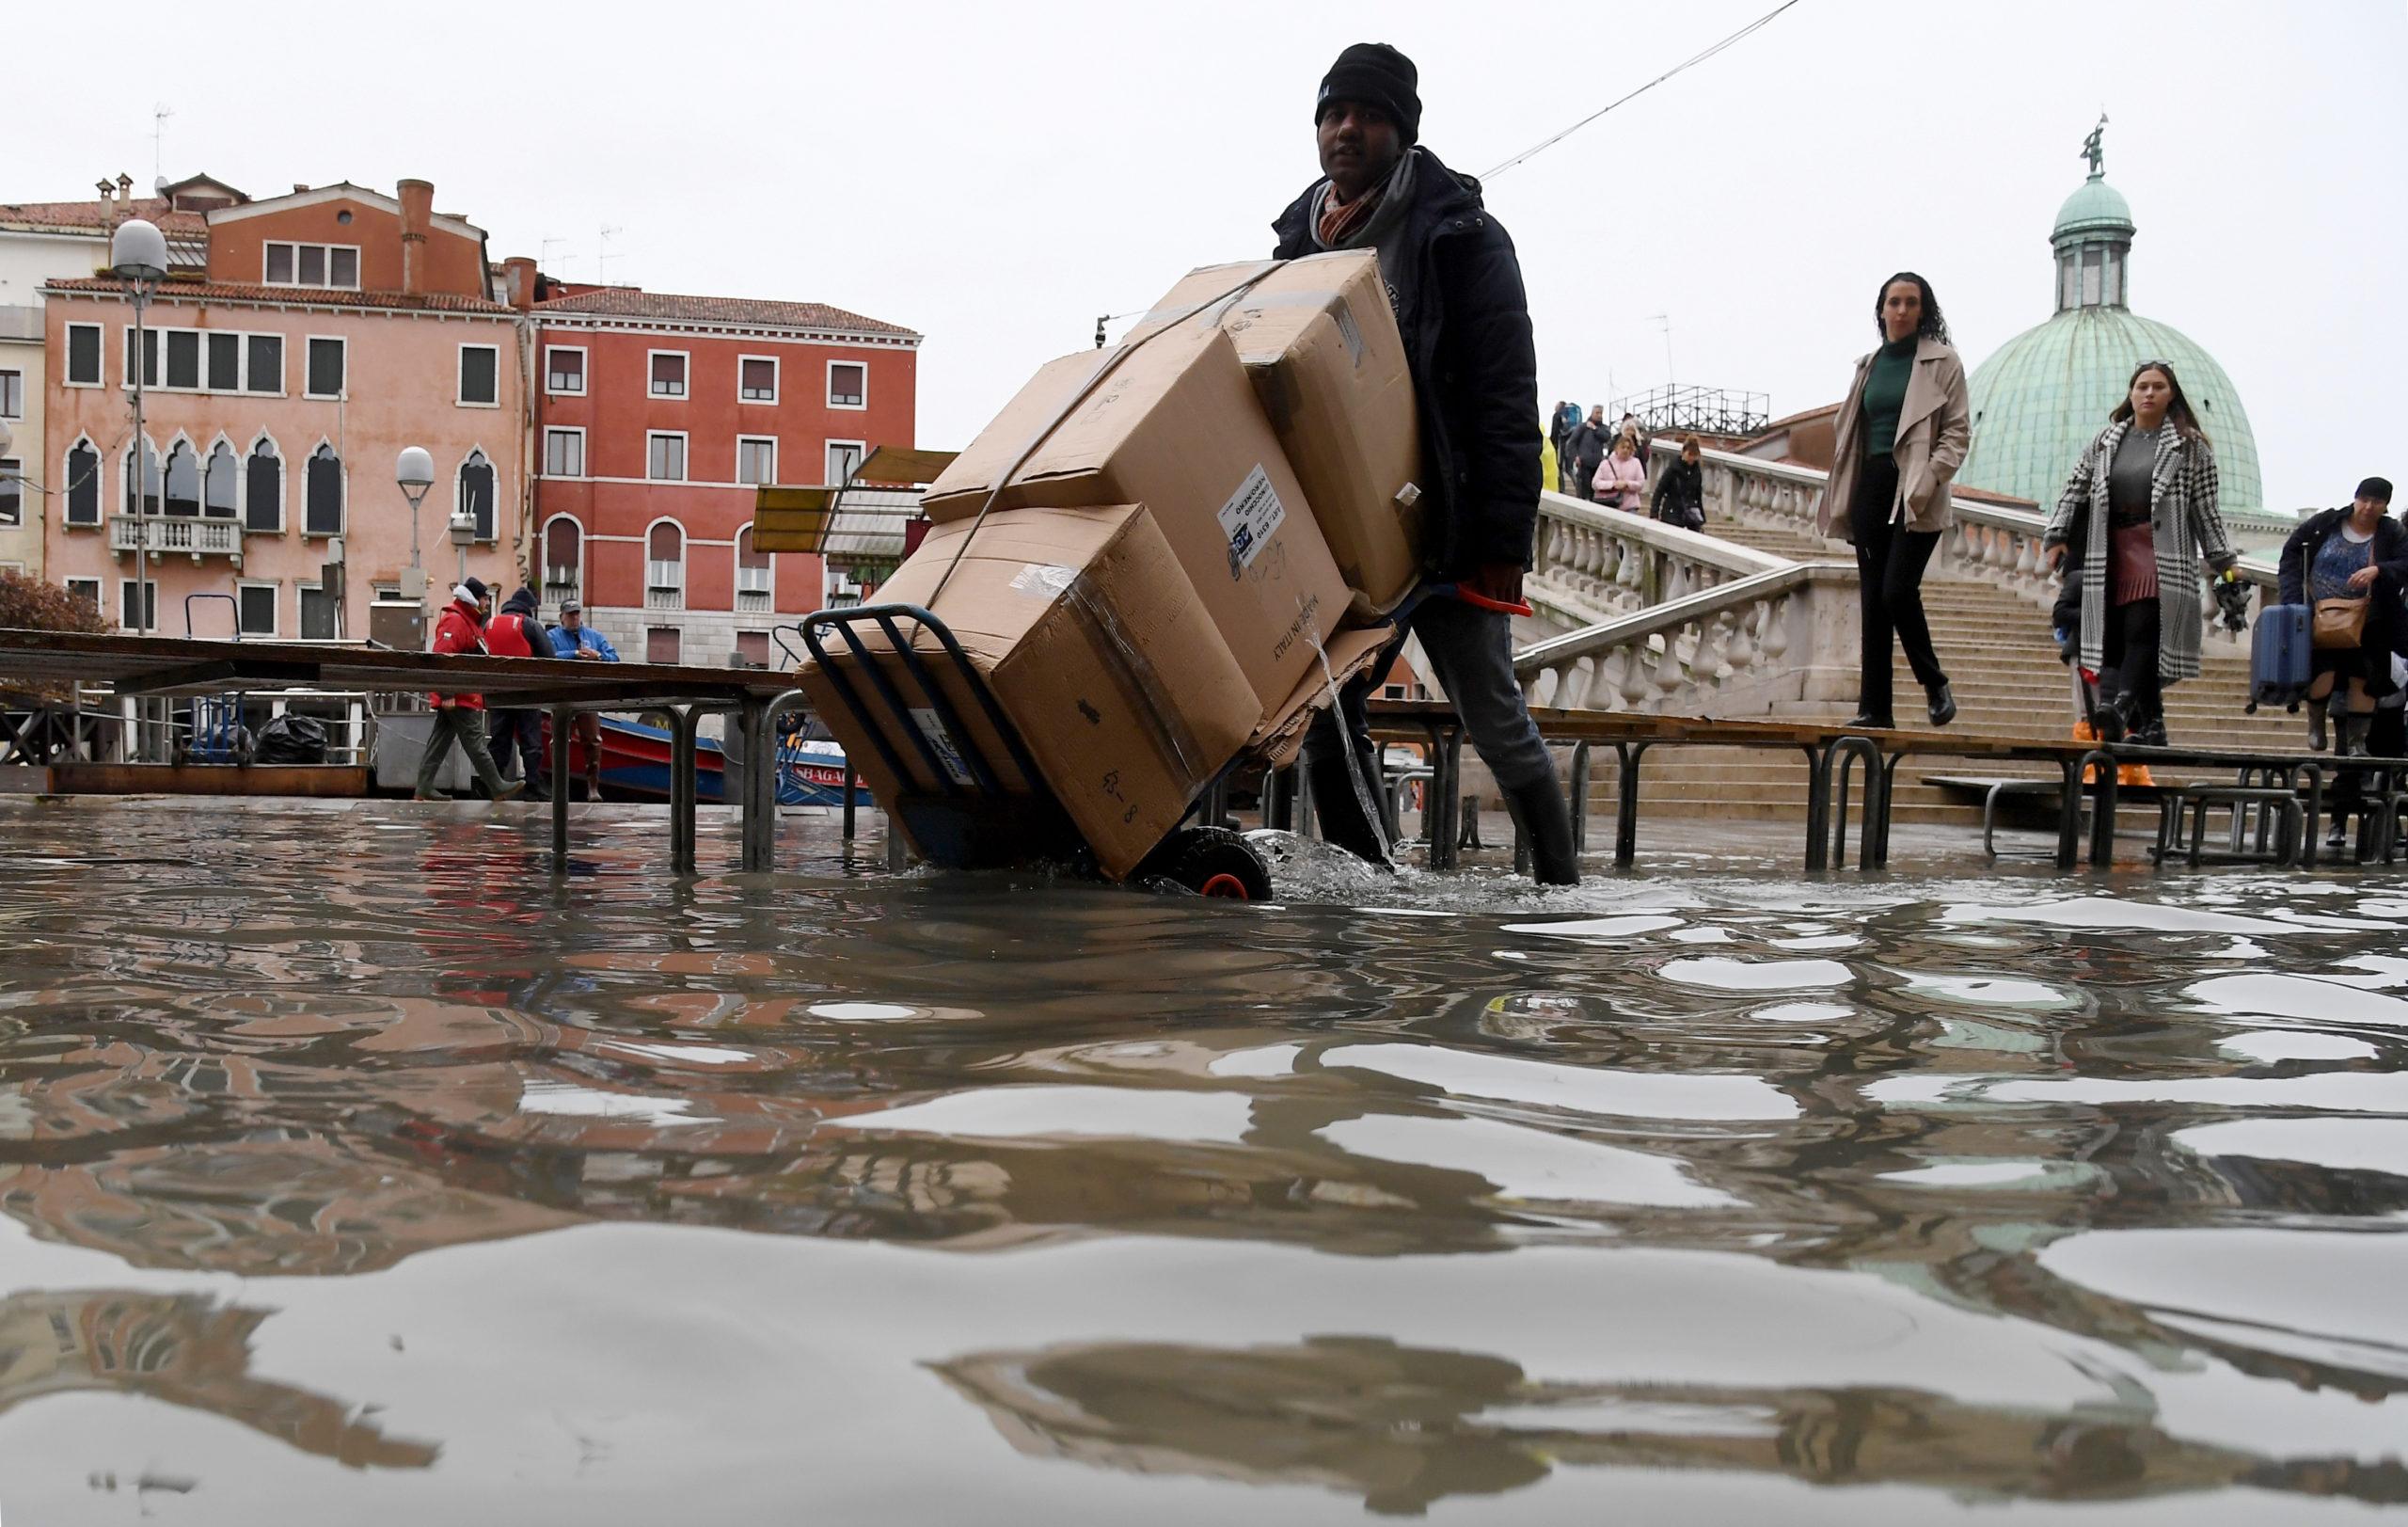 Une nouvelle alerte aux crues a été émise pour dimanche à Venise, où l'eau devrait atteindre 160 cm à la mi-journée, selon le centre local de prévision des inondations. /Photo prise le 17 novembre 2019/REUTERS/Alberto Lingria